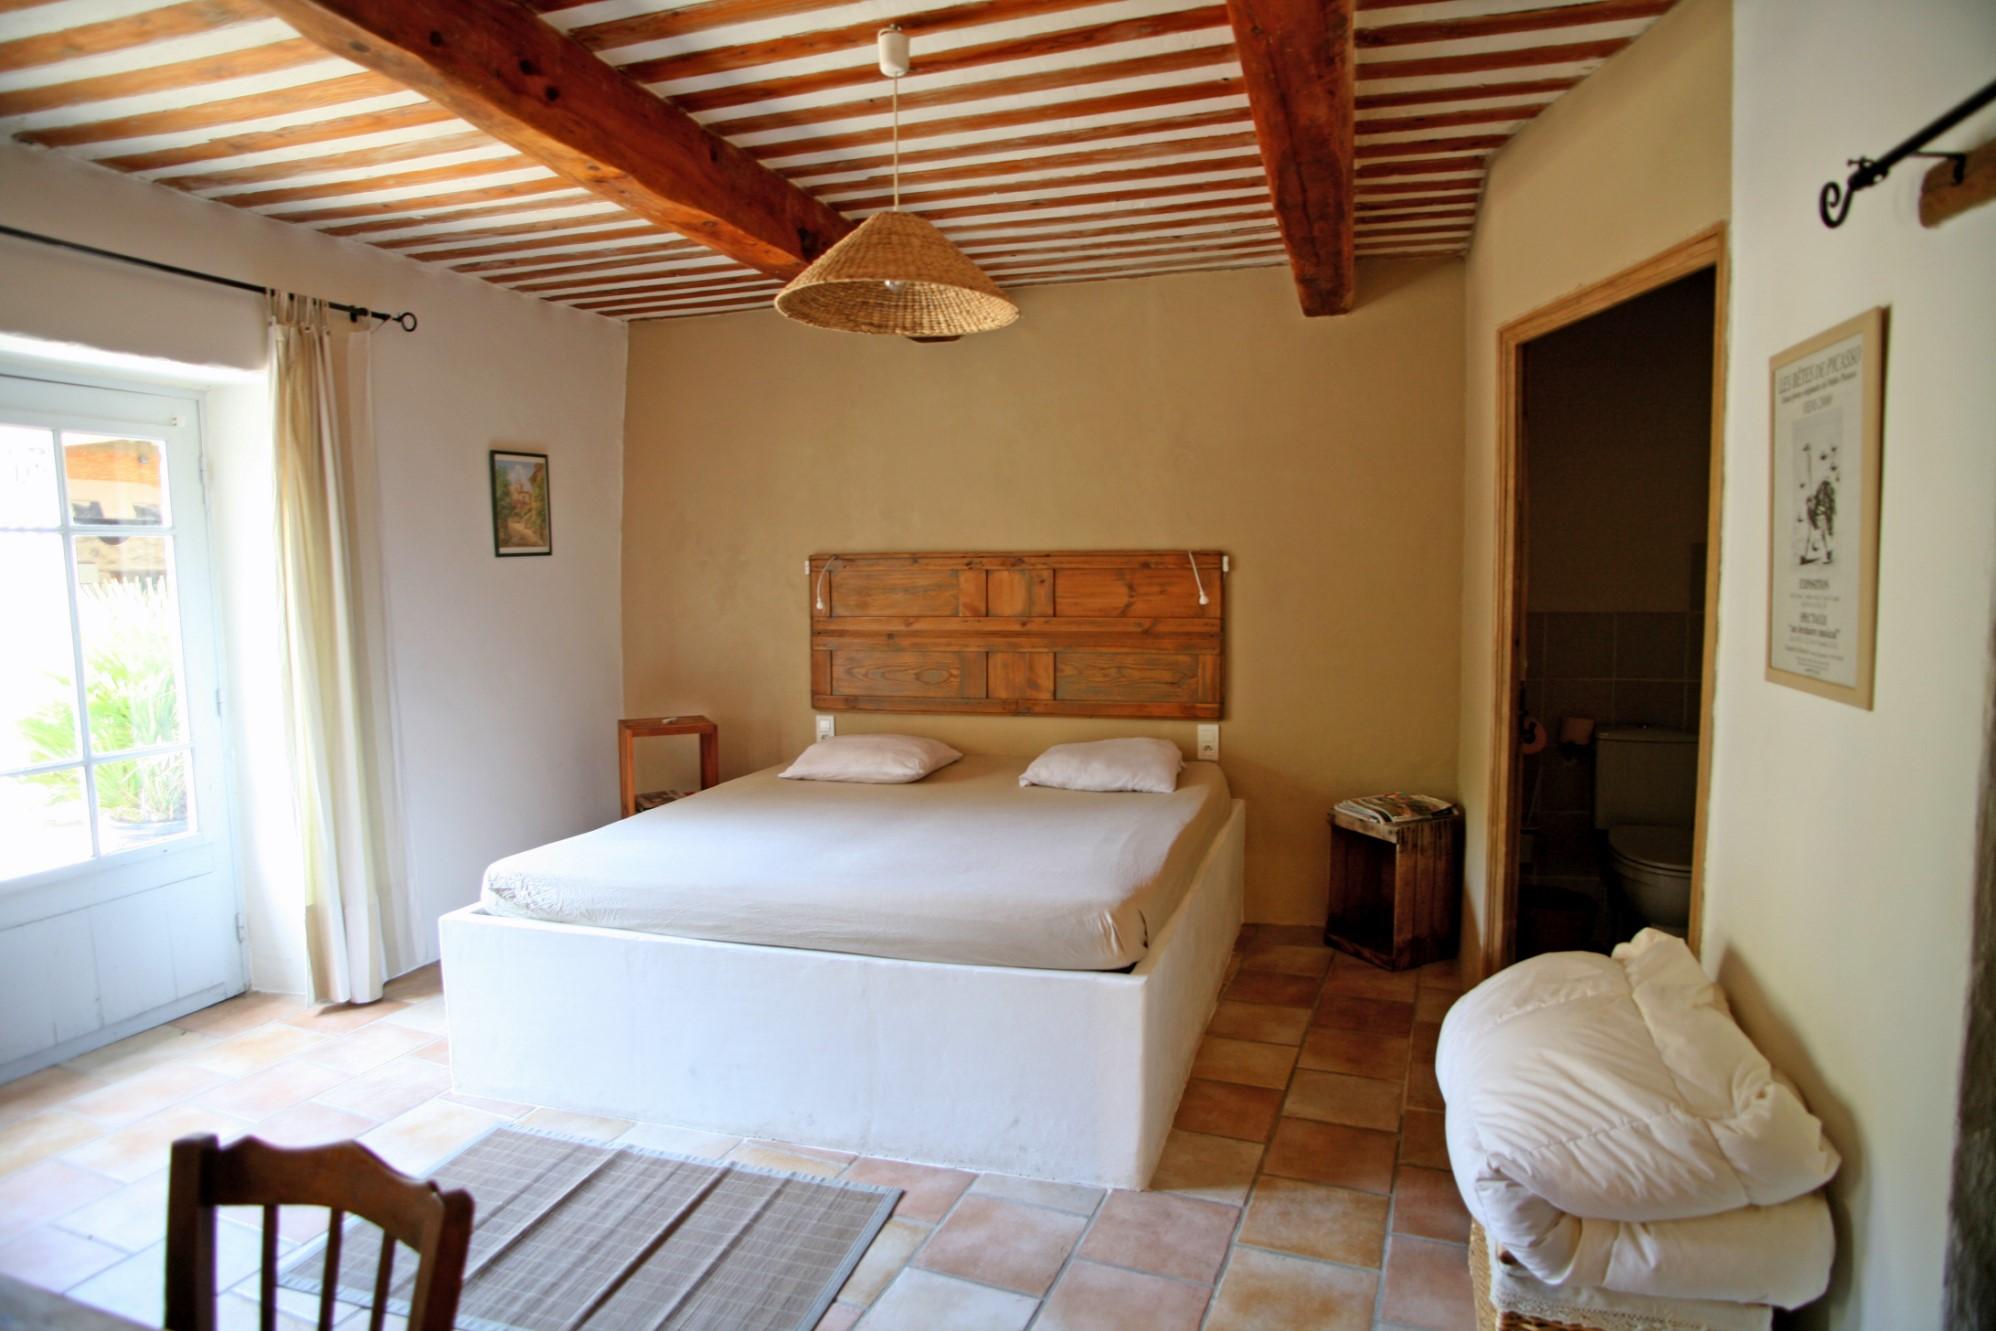 A vendre,  en Luberon, authentique mas provençal avec piscine